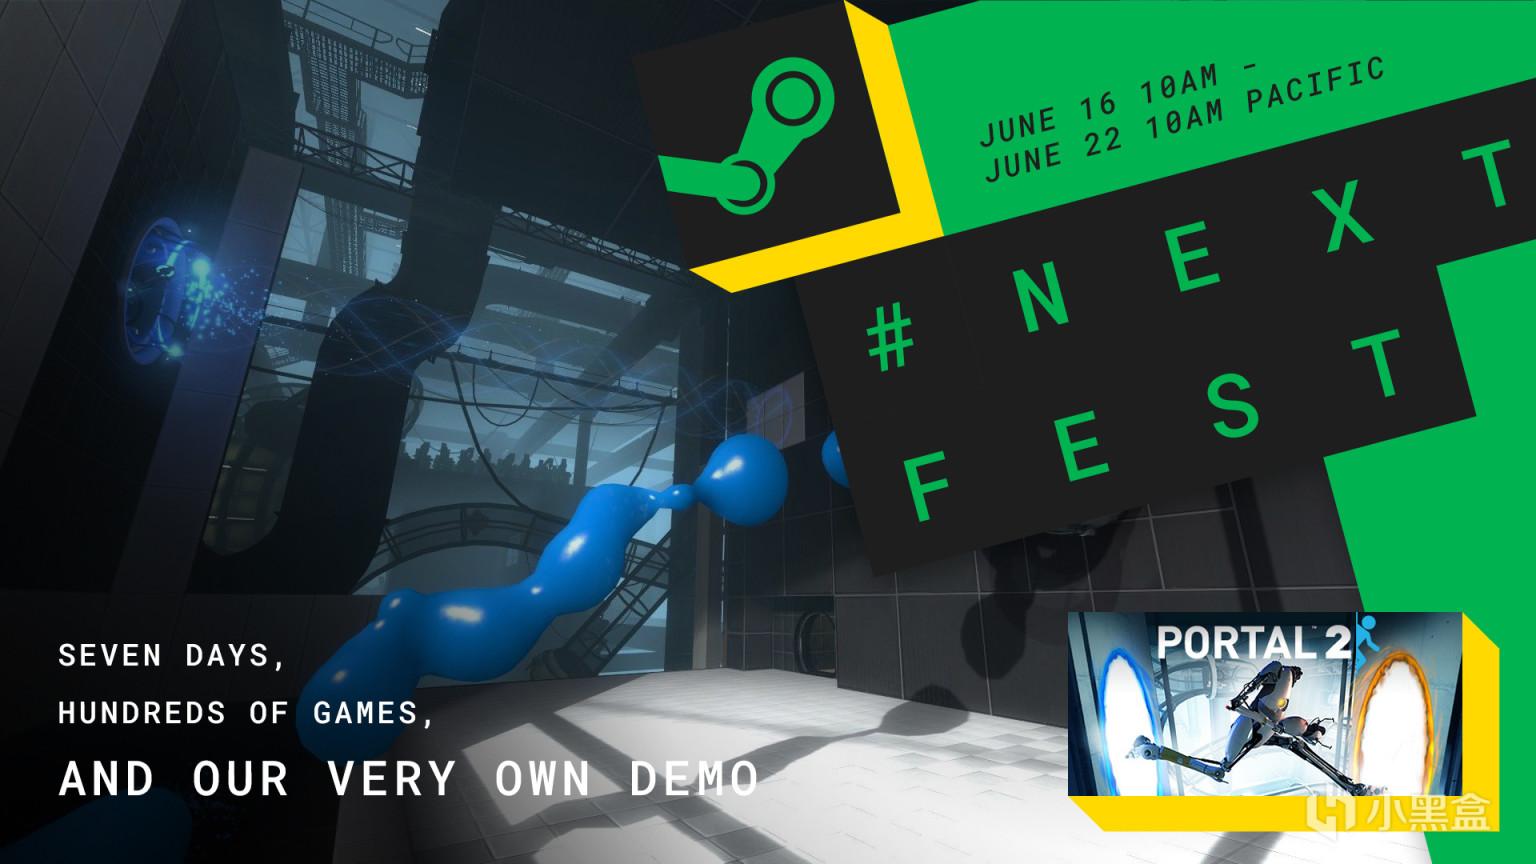 【SILENT展会前瞻】6月11日凌晨正式开幕!E3详细观展指南